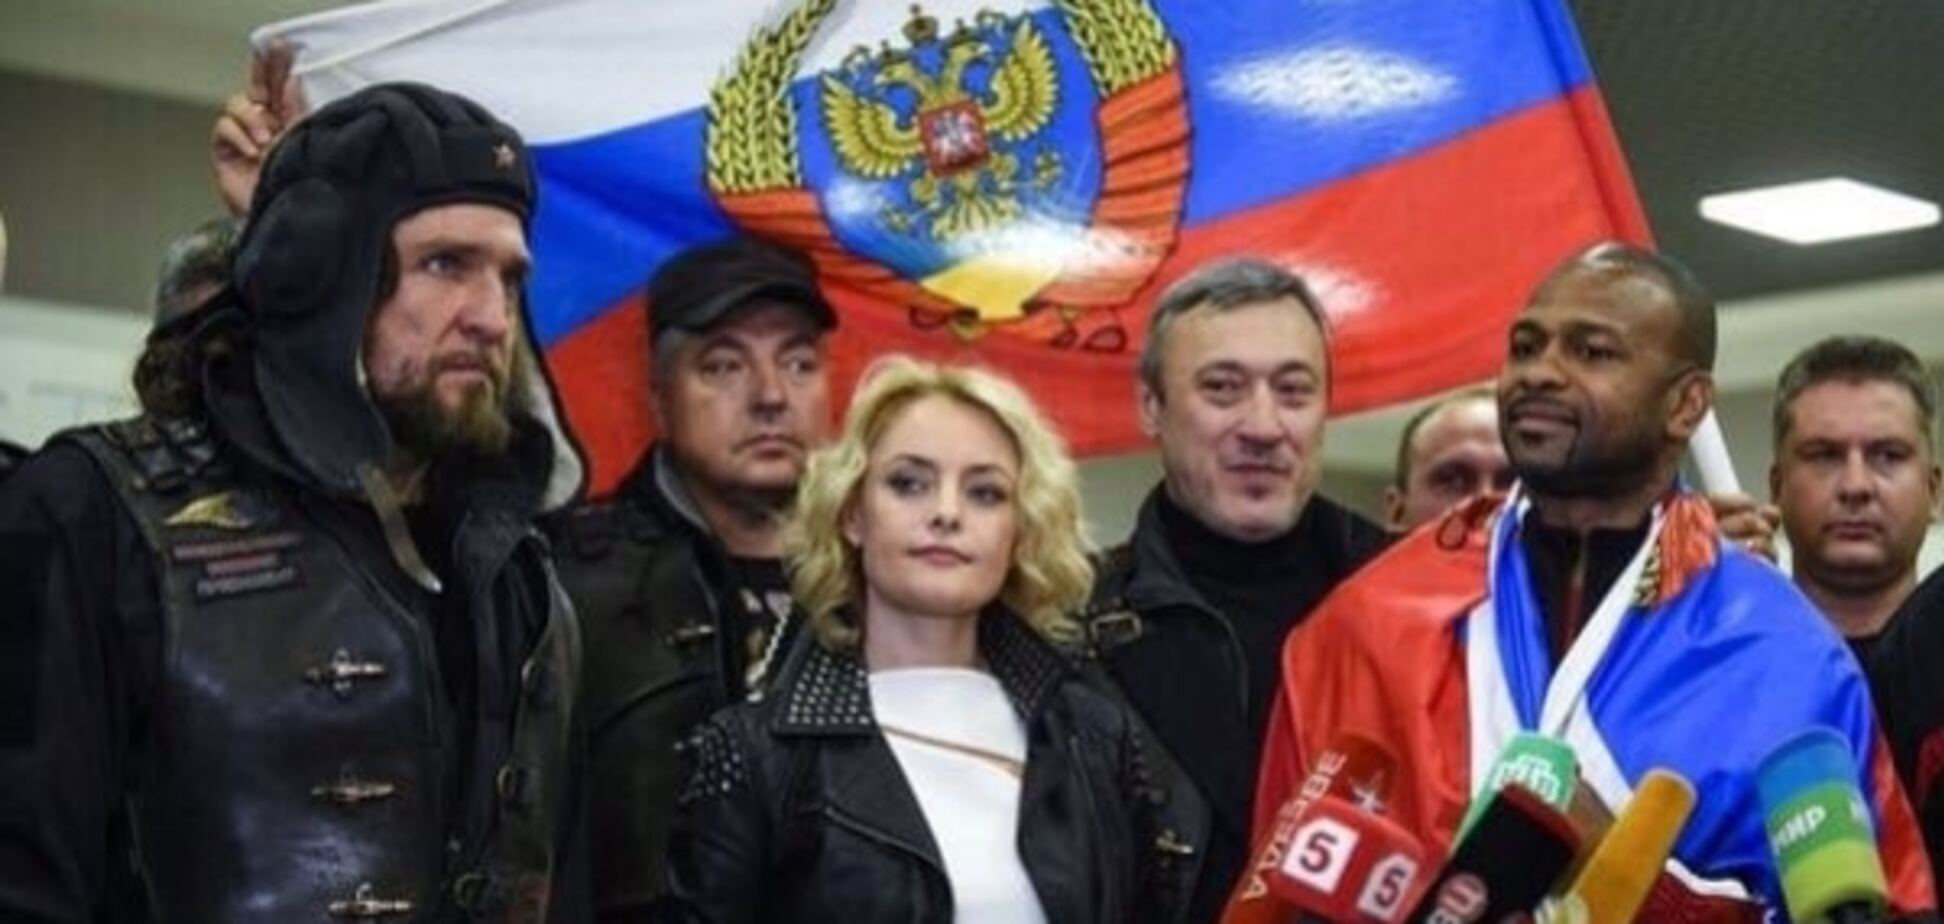 Росіян розлютило фото байкера Путіна з 'гібридом' прапора РФ